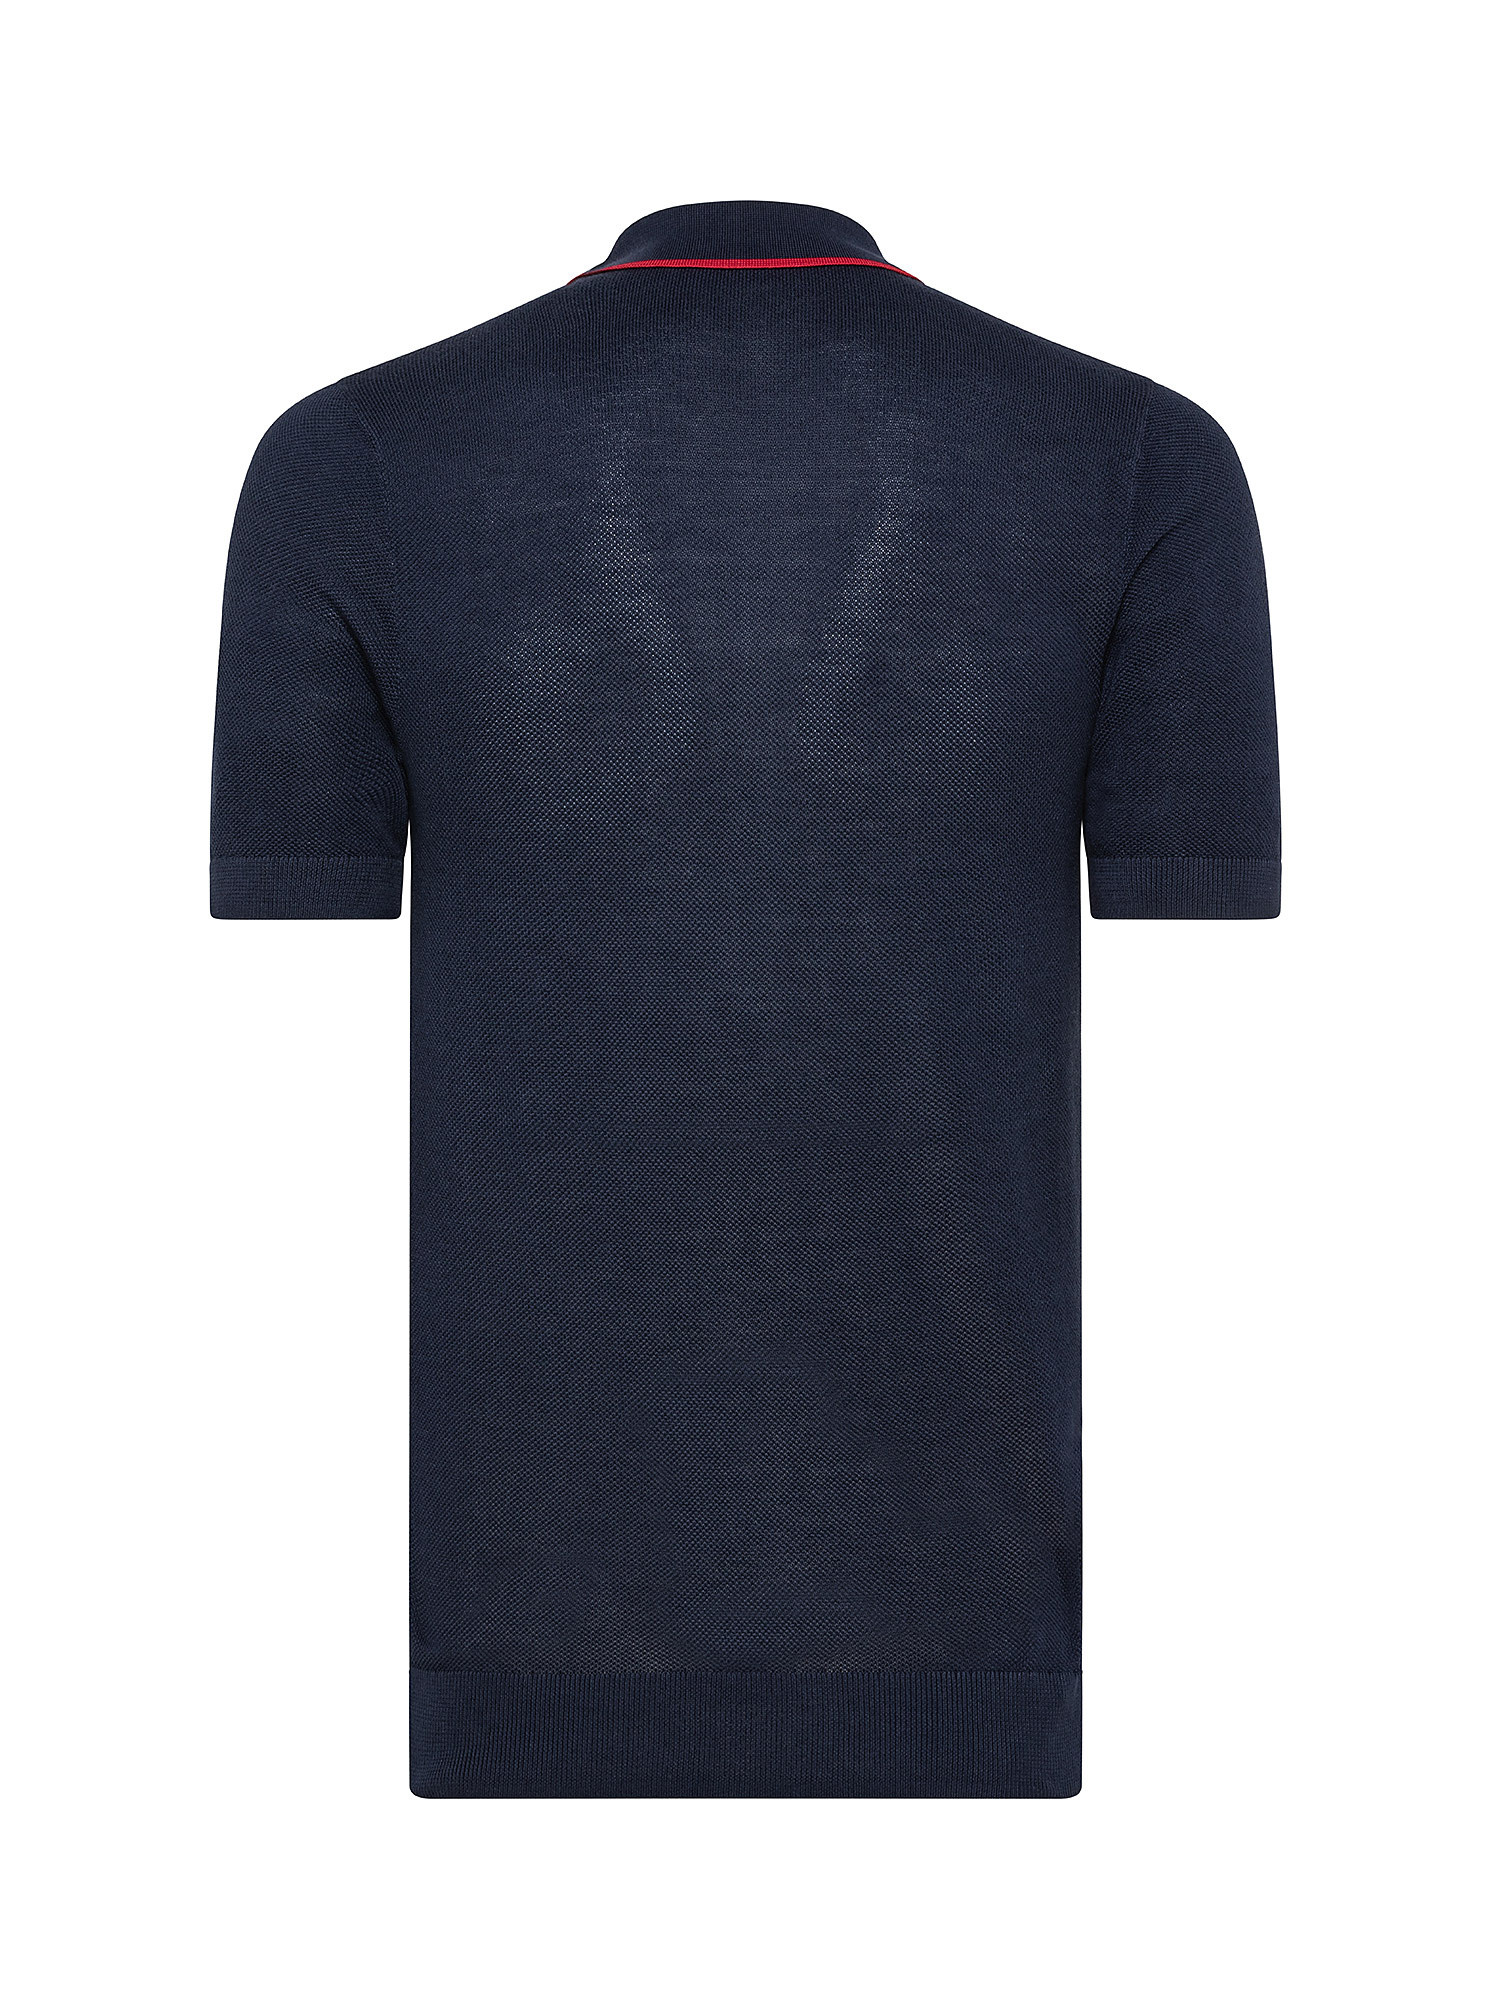 Polo in maglia con riga, Blu, large image number 1